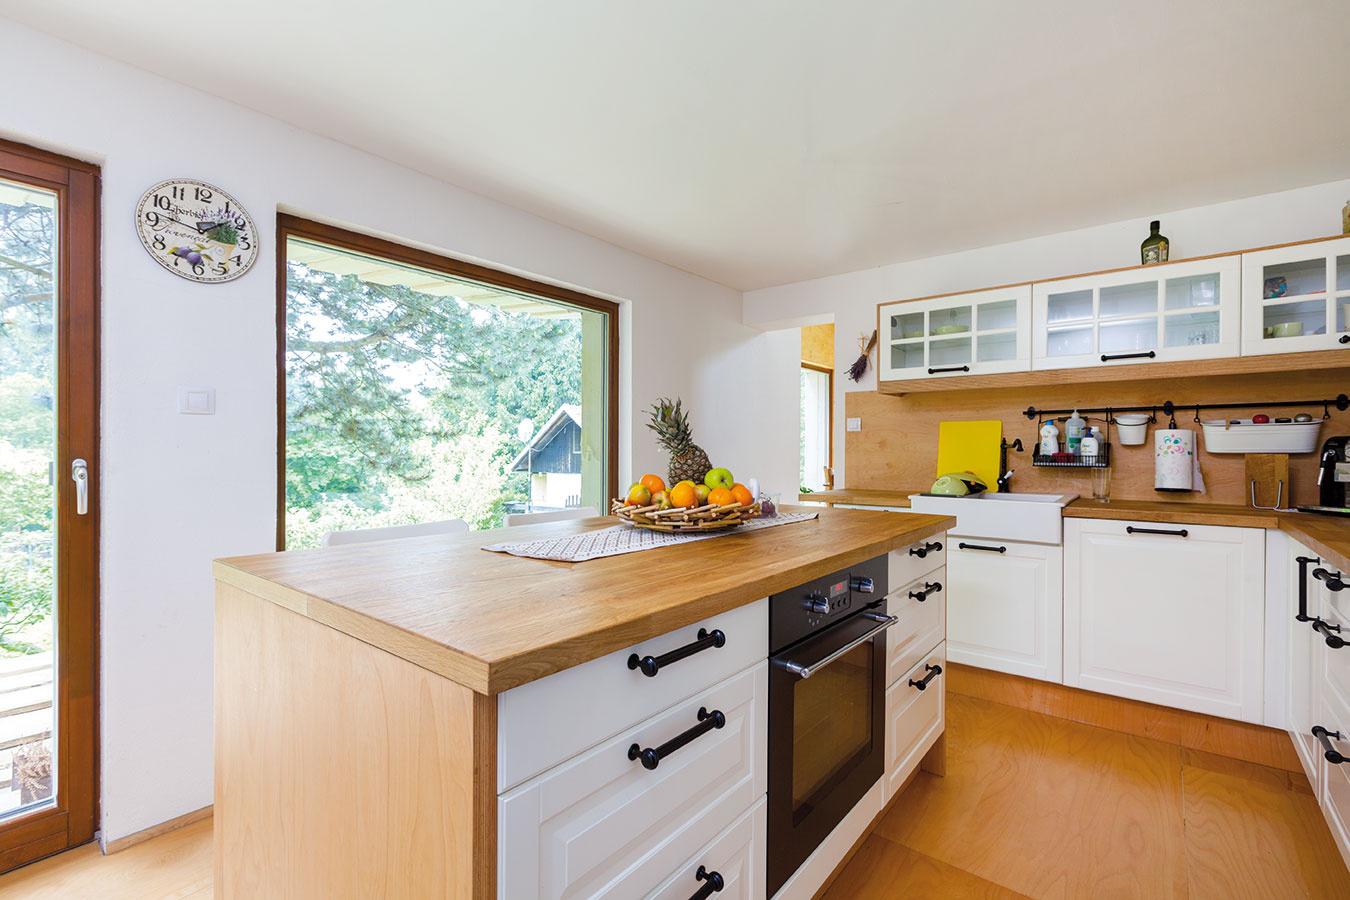 Južne orientovaná kuchyňa dýcha vtôni borovíc. Linka sbielymi čelami sa elegantne vymanila zdrevenej nálady stien, podlahy astromov za oknom. Vzime sem zasvieti nízke slnko apríjemne prehreje interiér. Vlete zasa vďaka boroviciam nepotrebuje špeciálne tienenie.